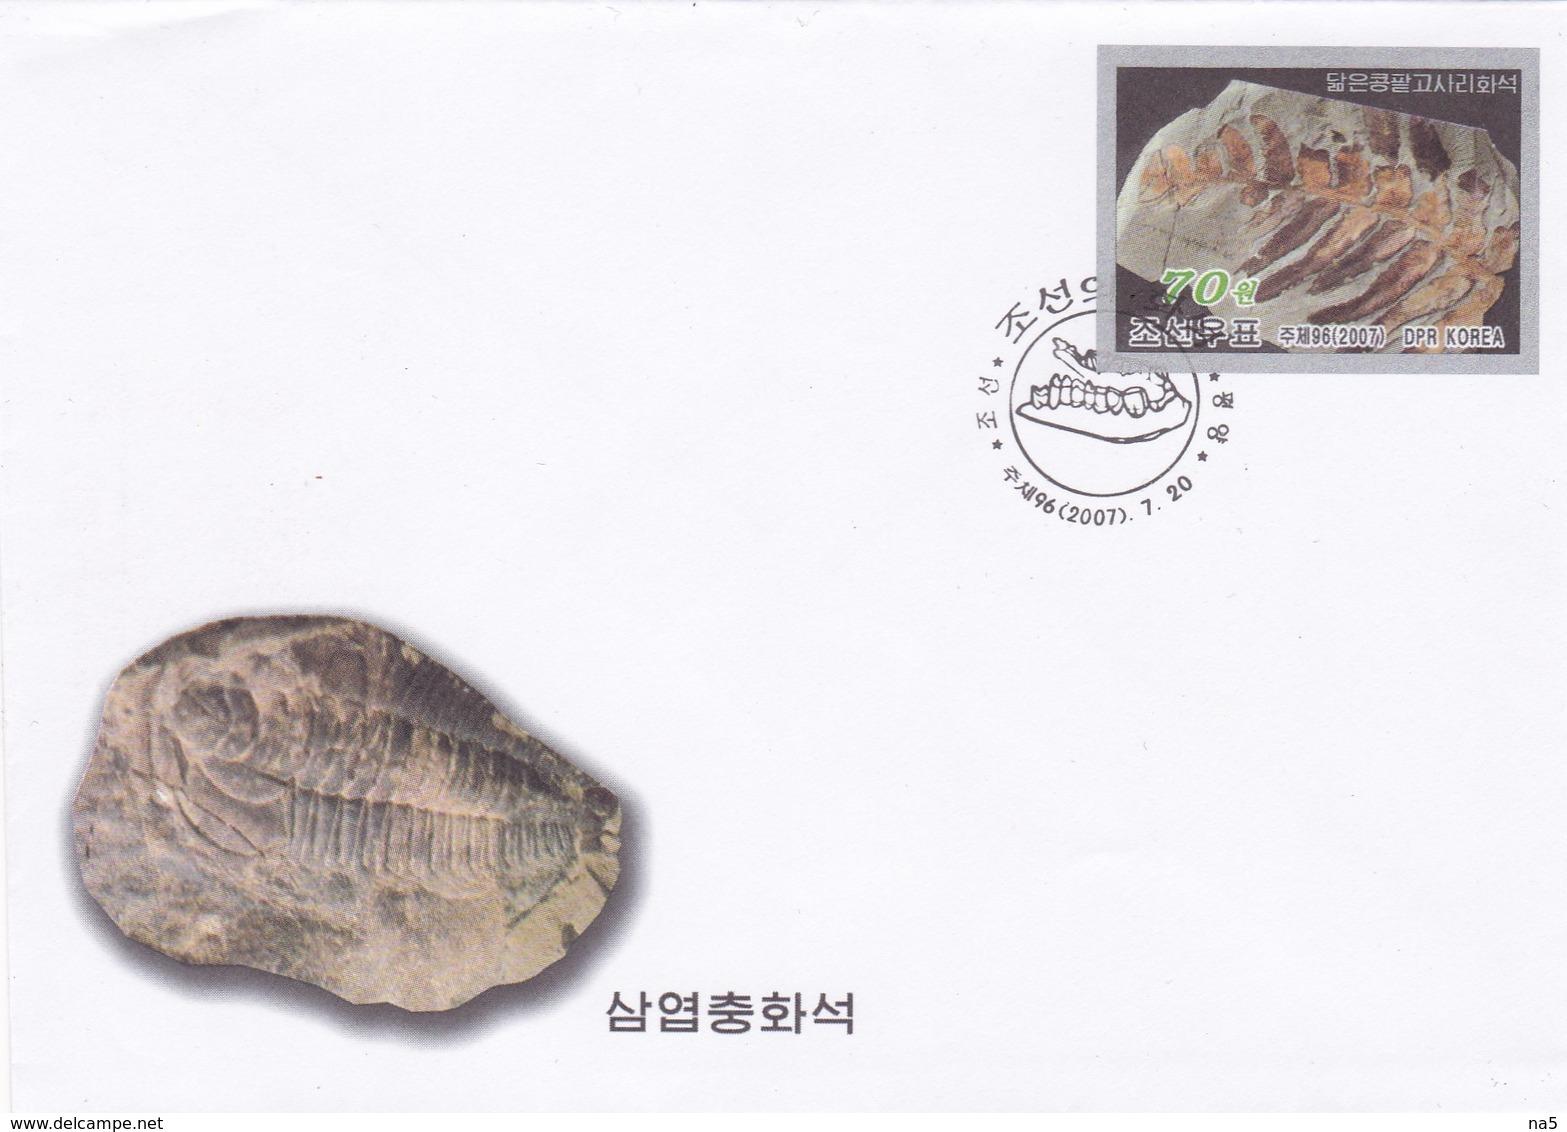 Korea 2007 FDC Fossils - Briefmarken